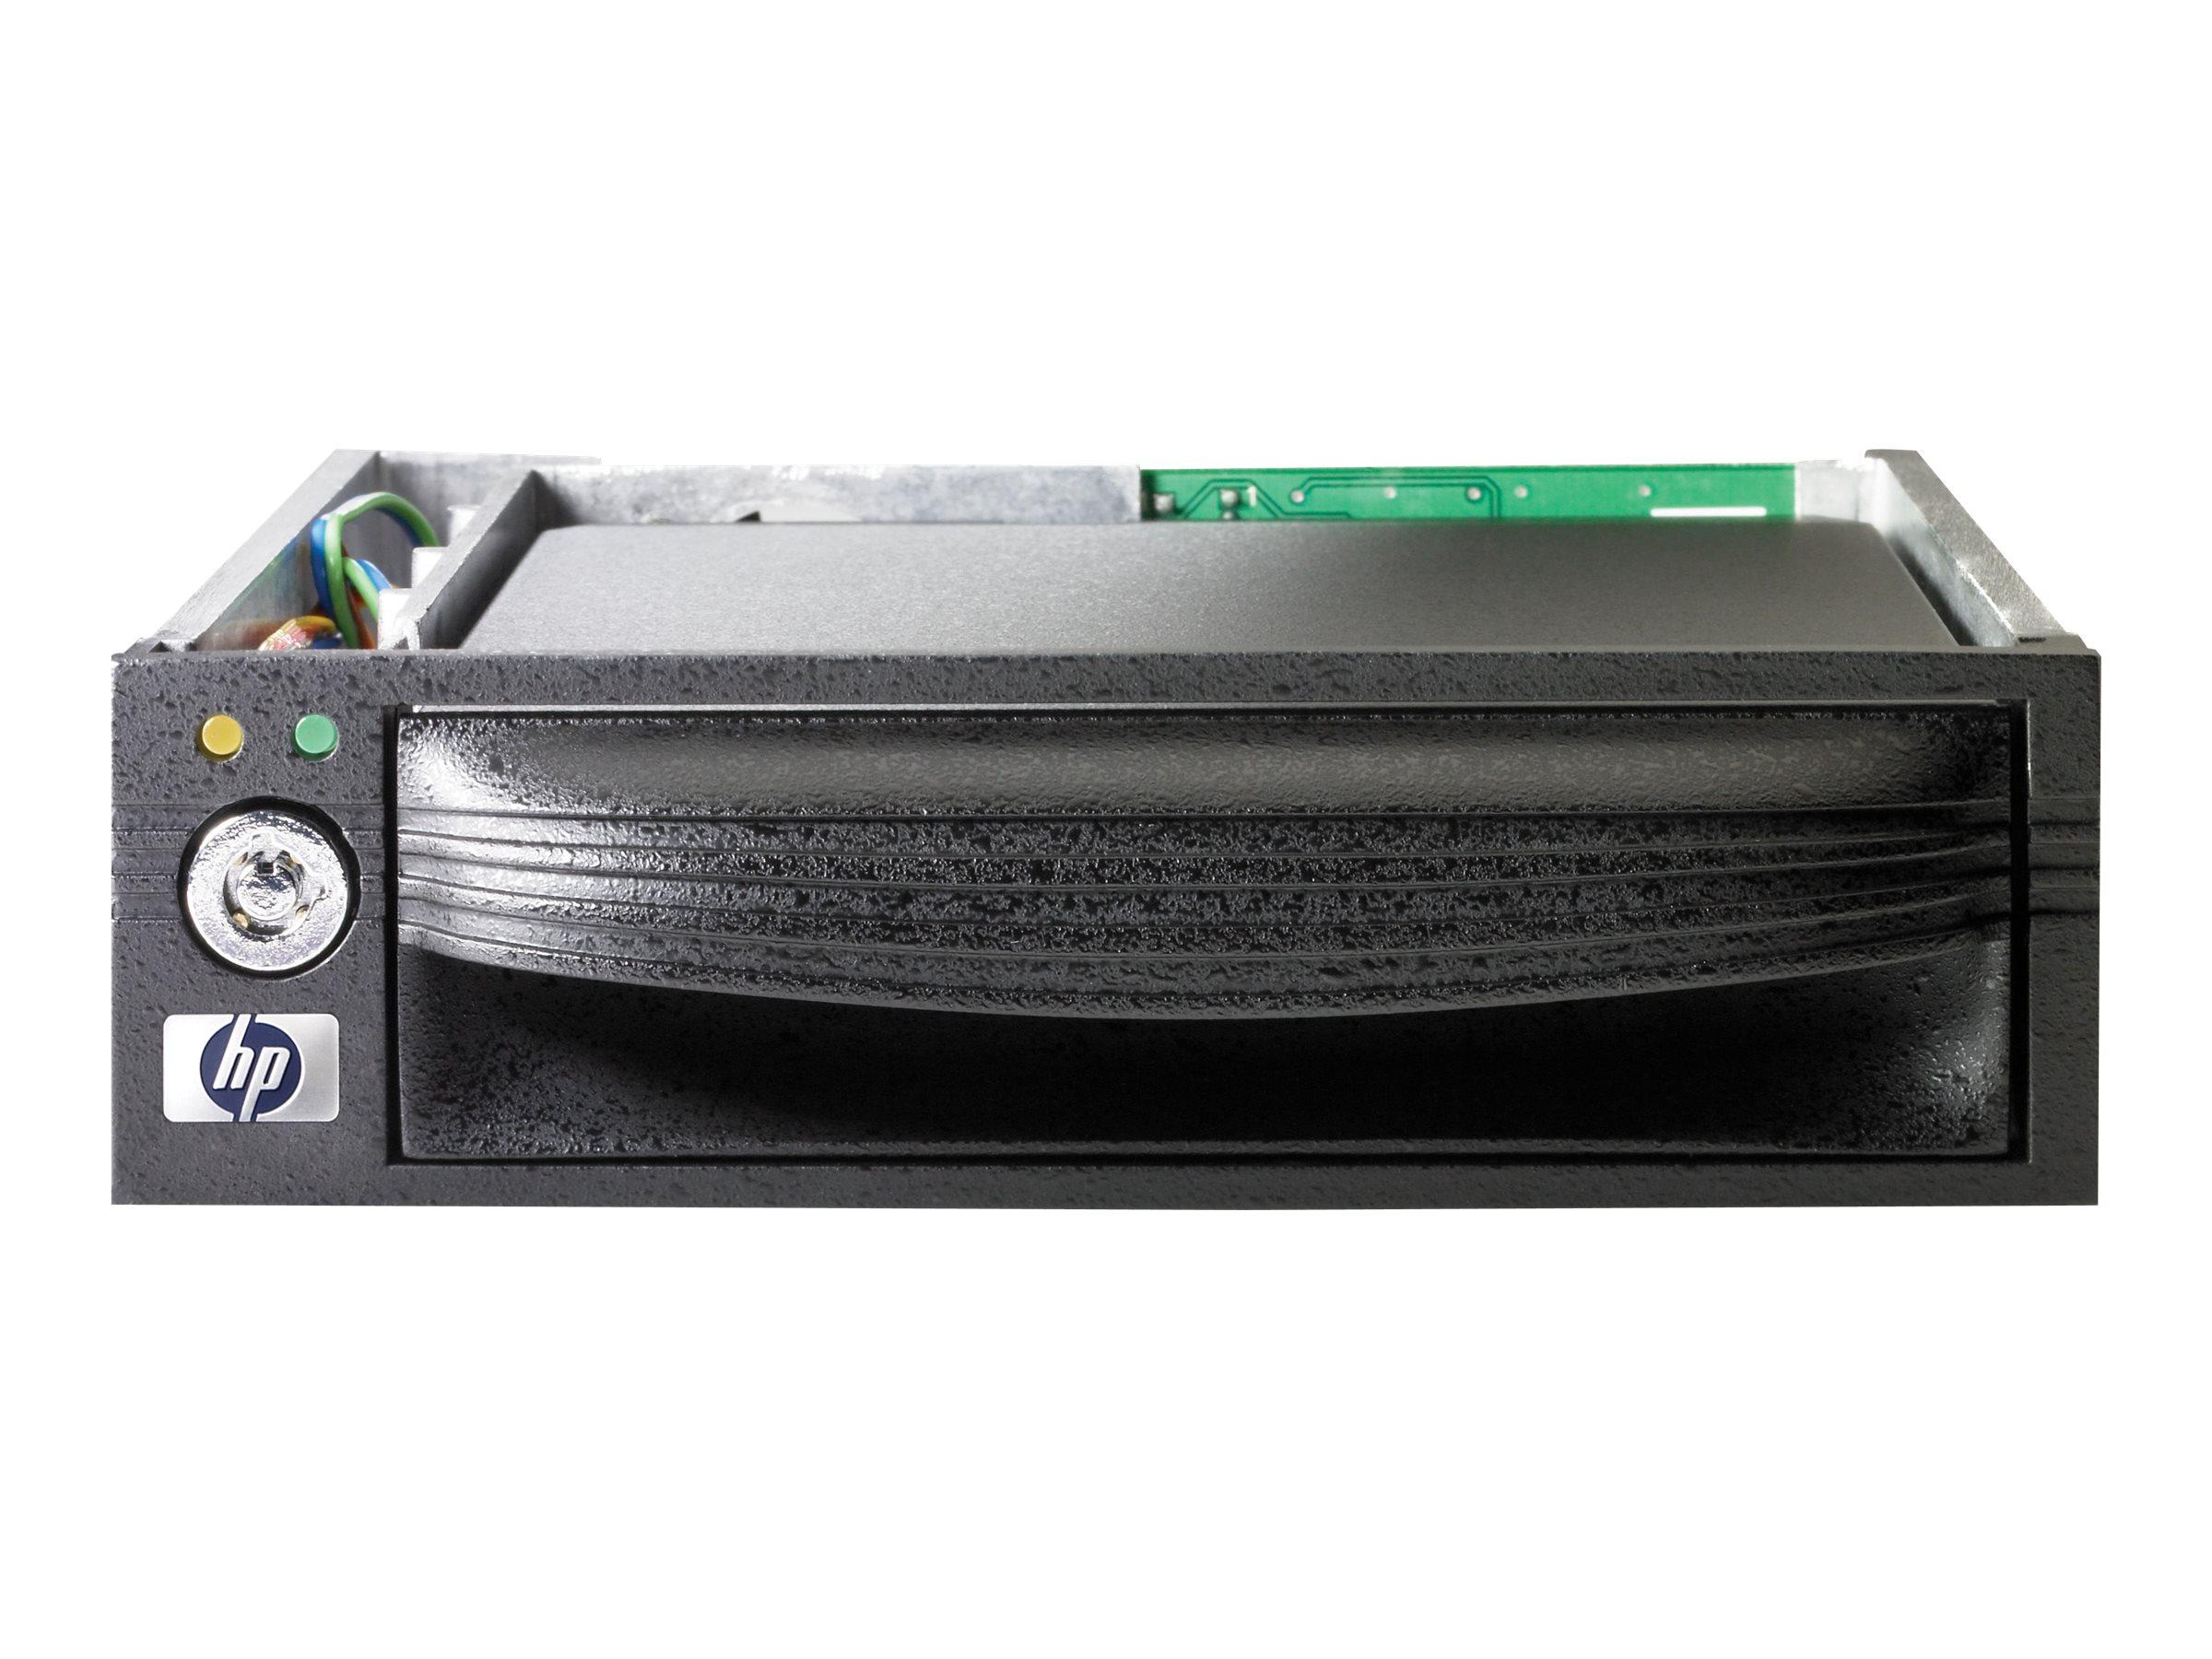 HP Removable Hard Drive Enclosure - Träger für Speicherlaufwerk (Caddy) - 3.5